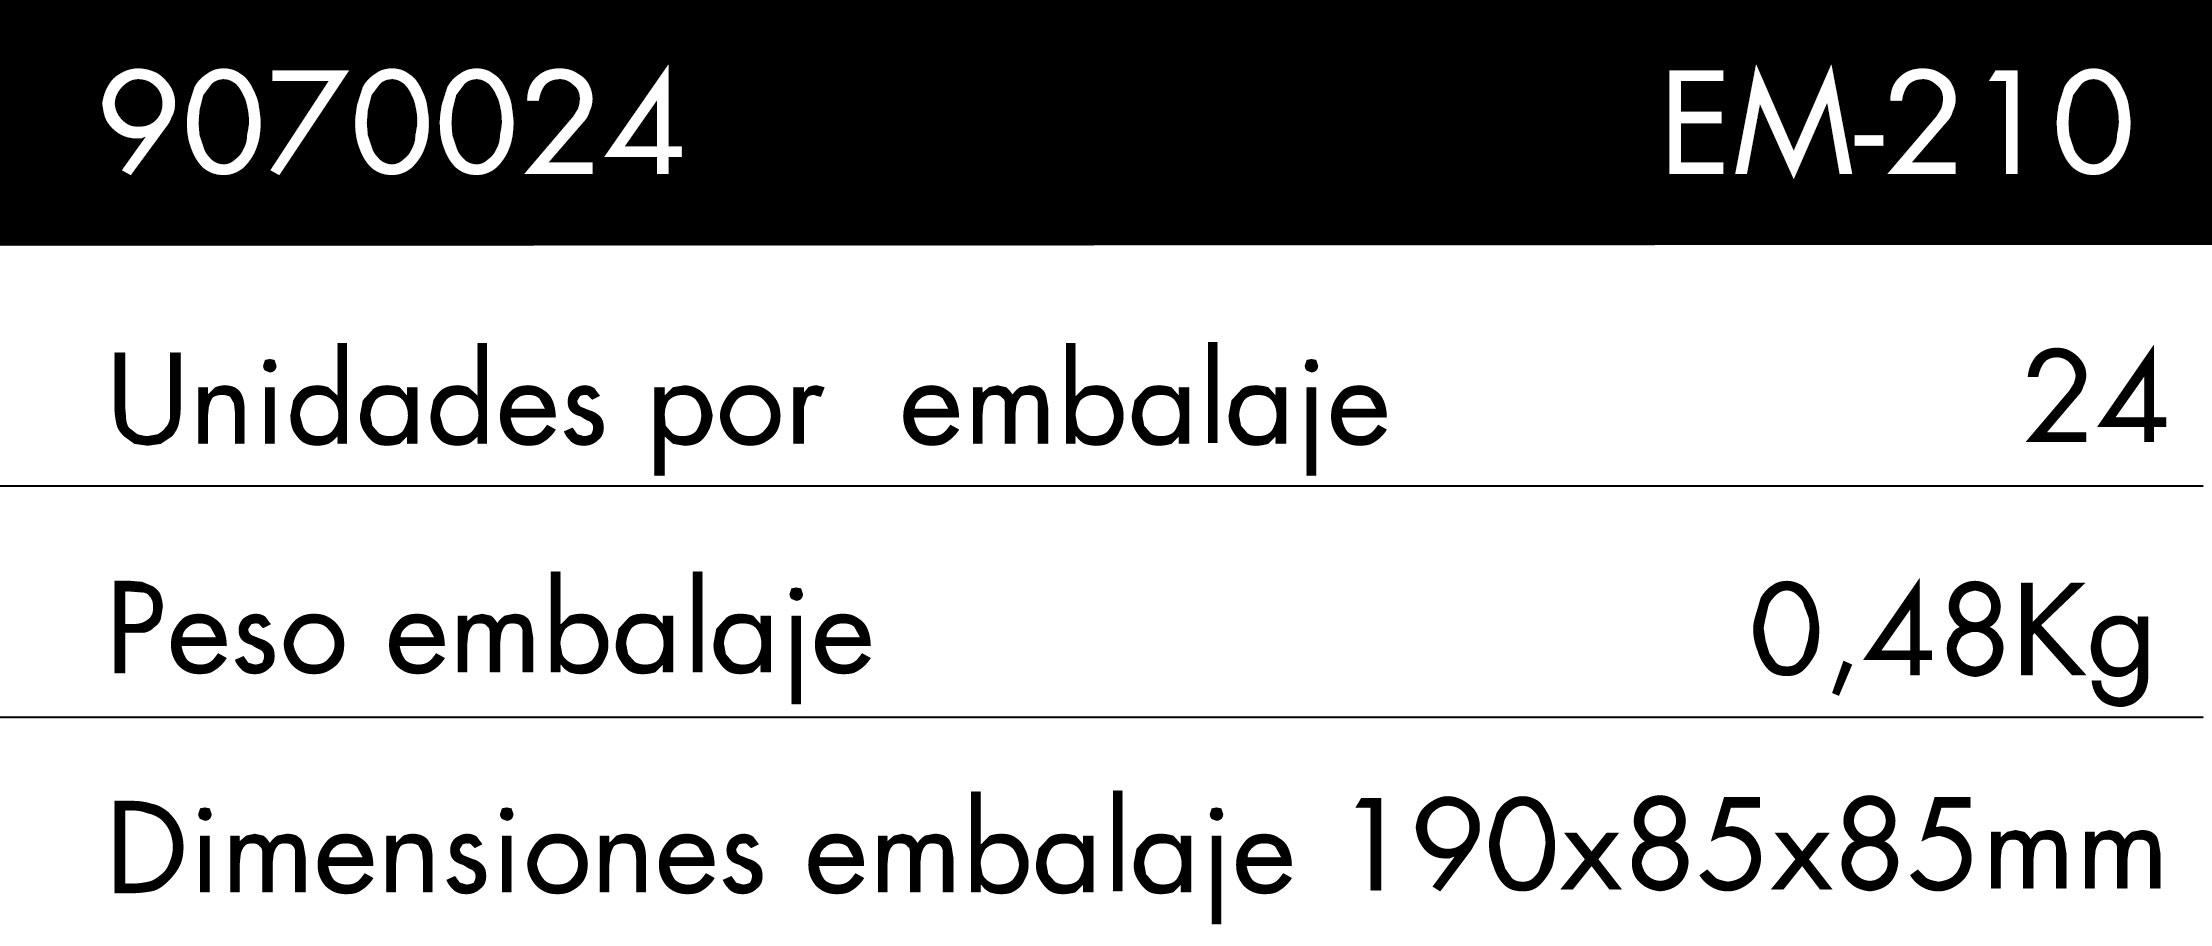 9070024-tablaES.jpg